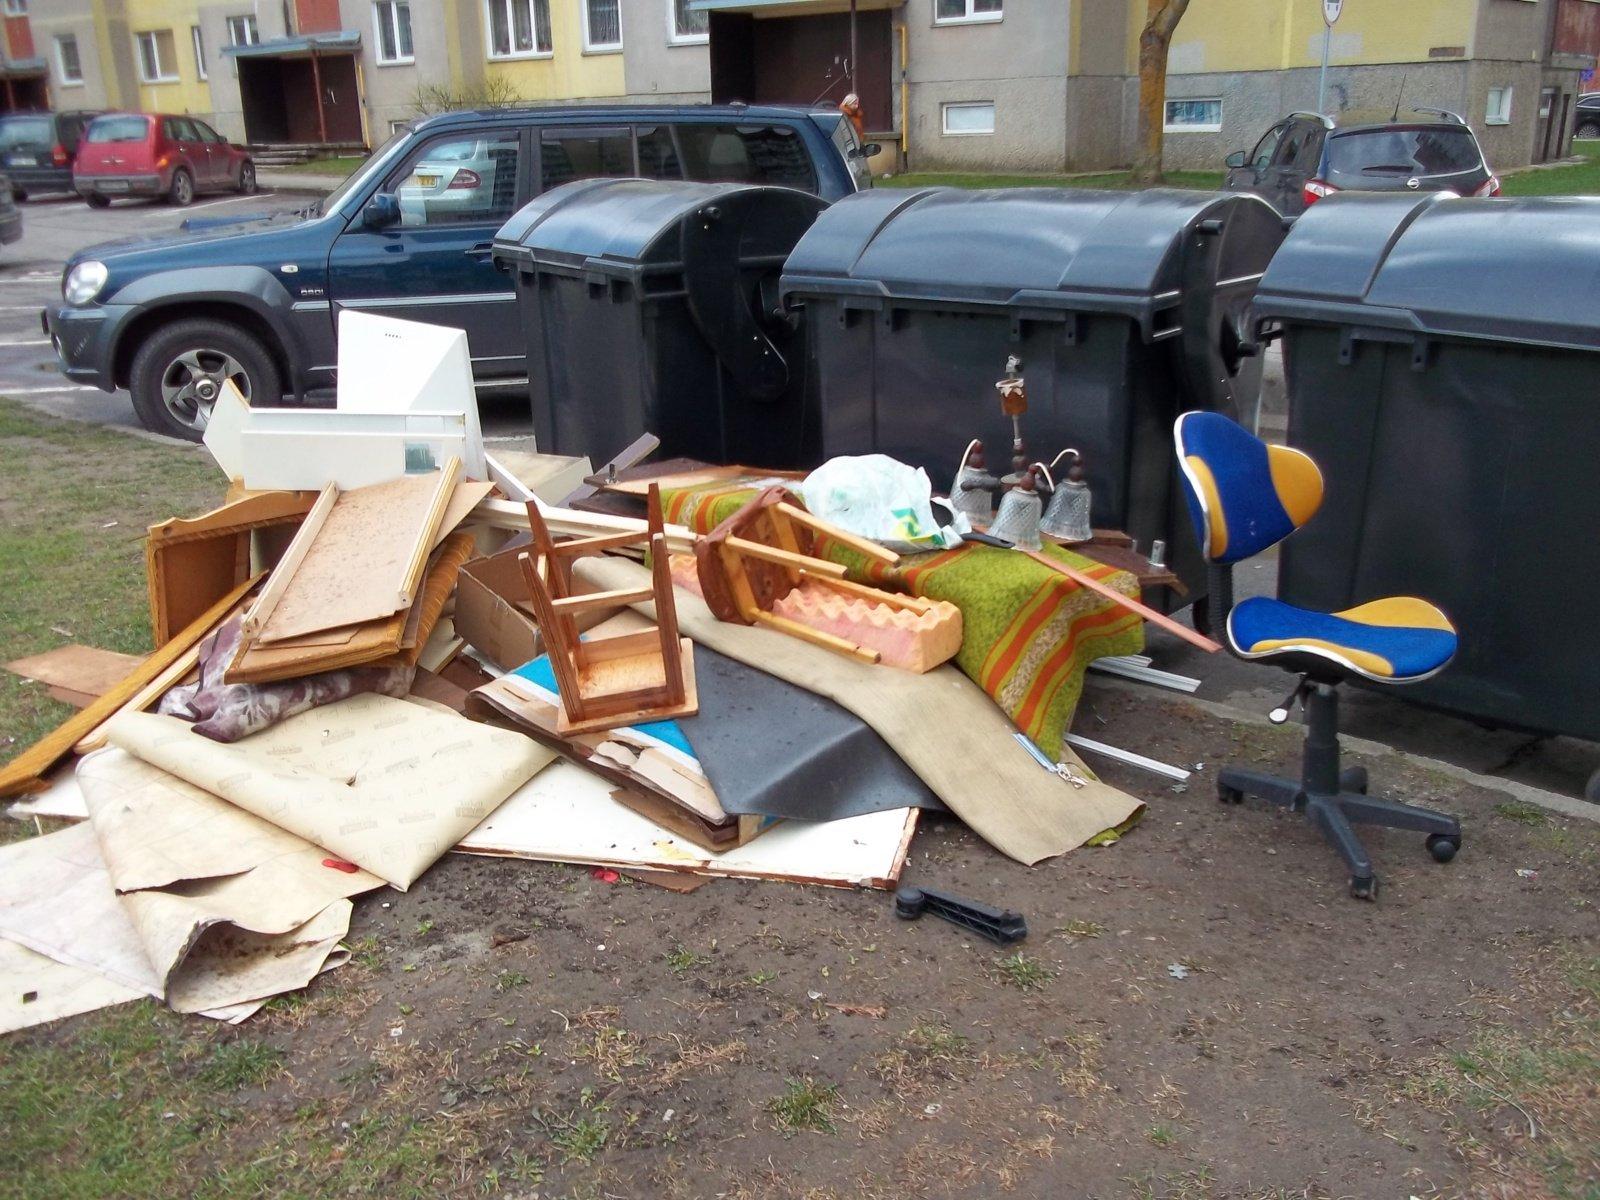 Panaudoti baldai vis dar išmetami prie konteinerių